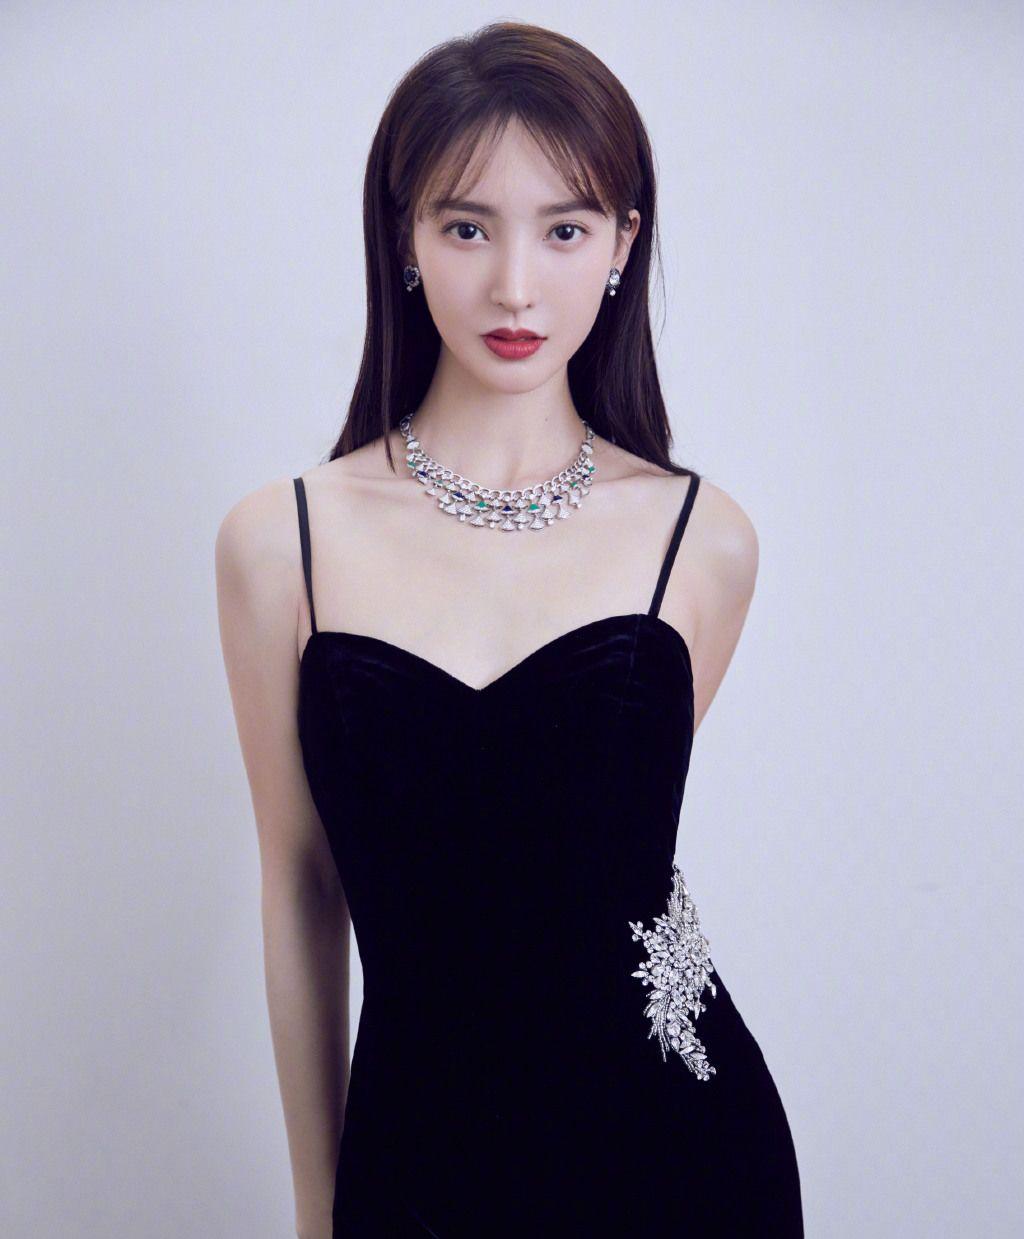 金晨美貌、清纯,高挑的身材,鹅蛋型的脸庞,你喜欢她吗?